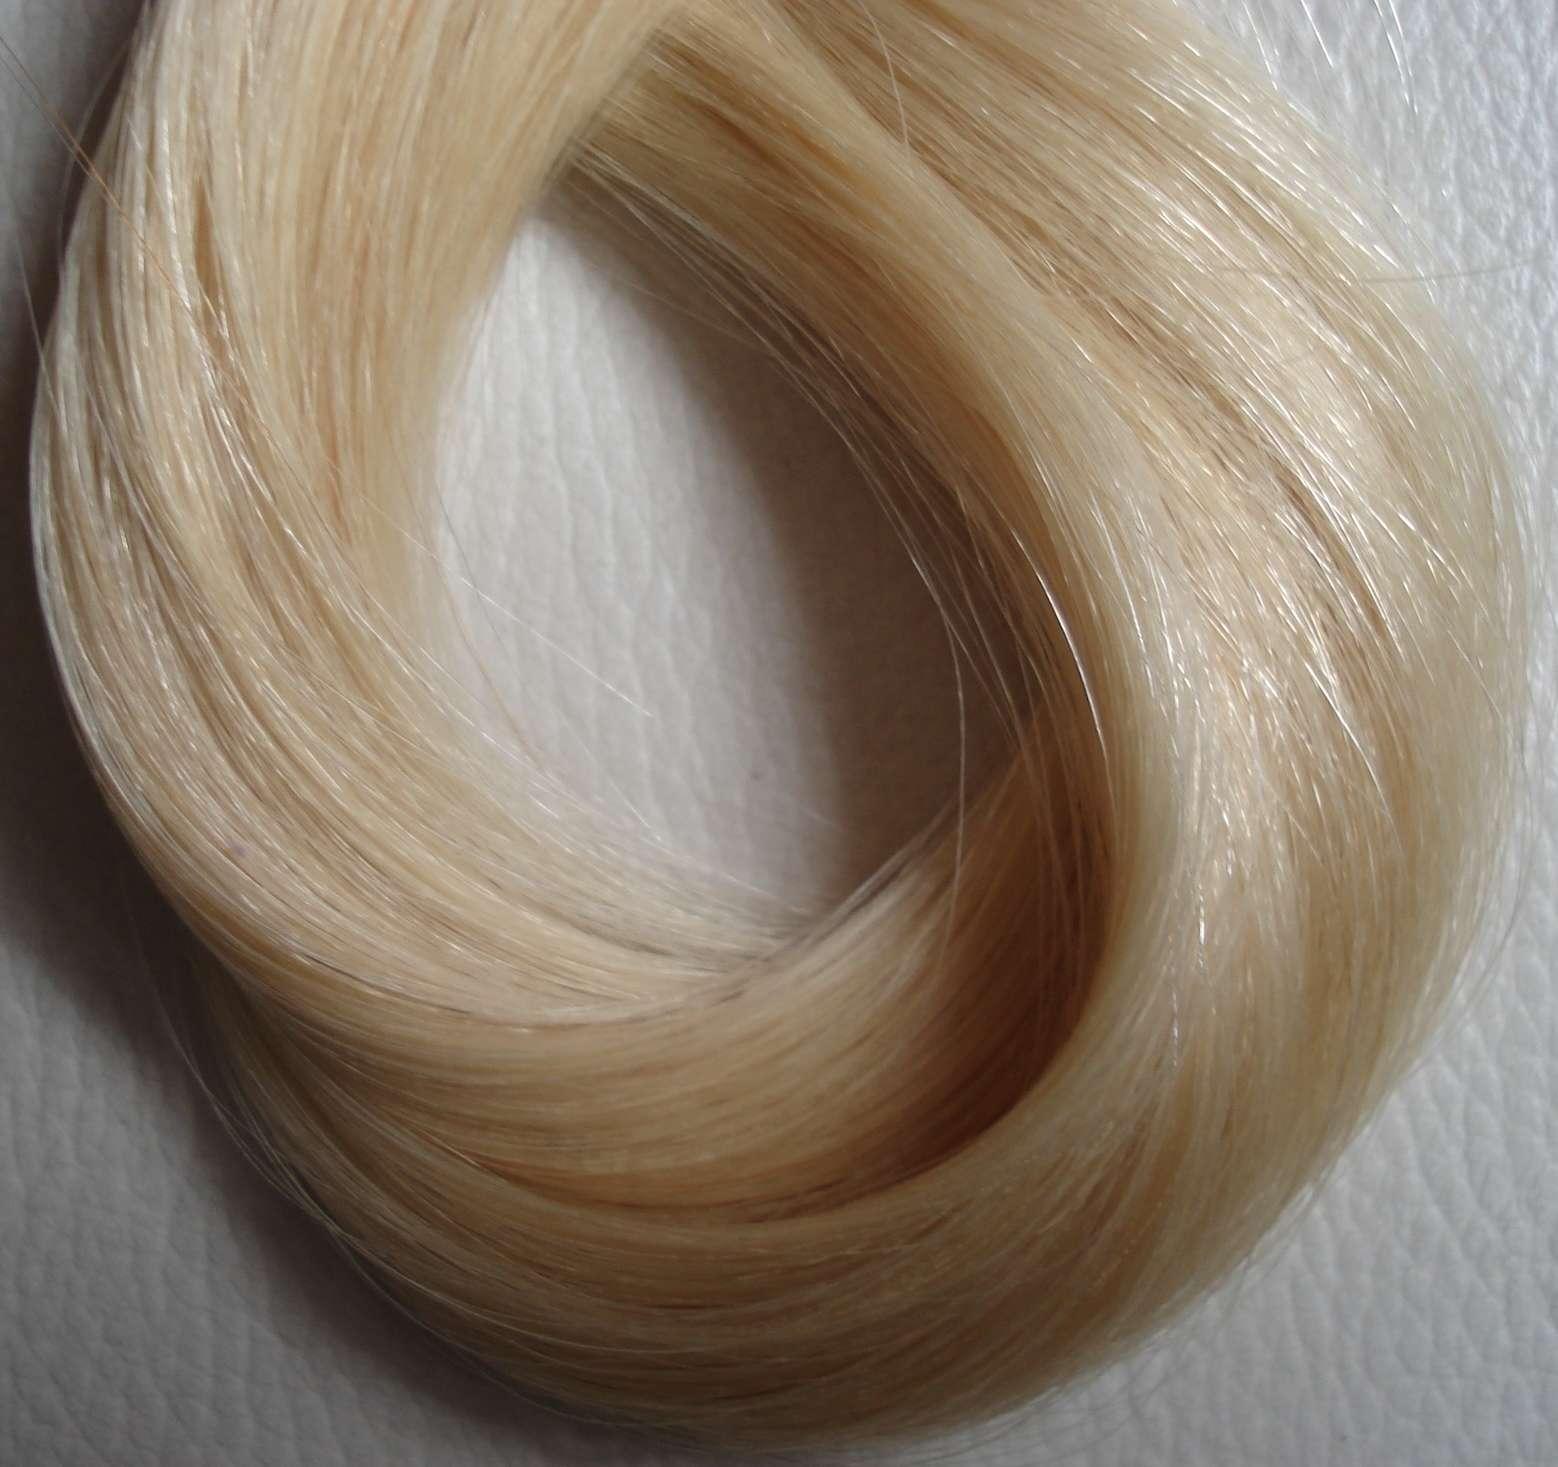 #24 Blond